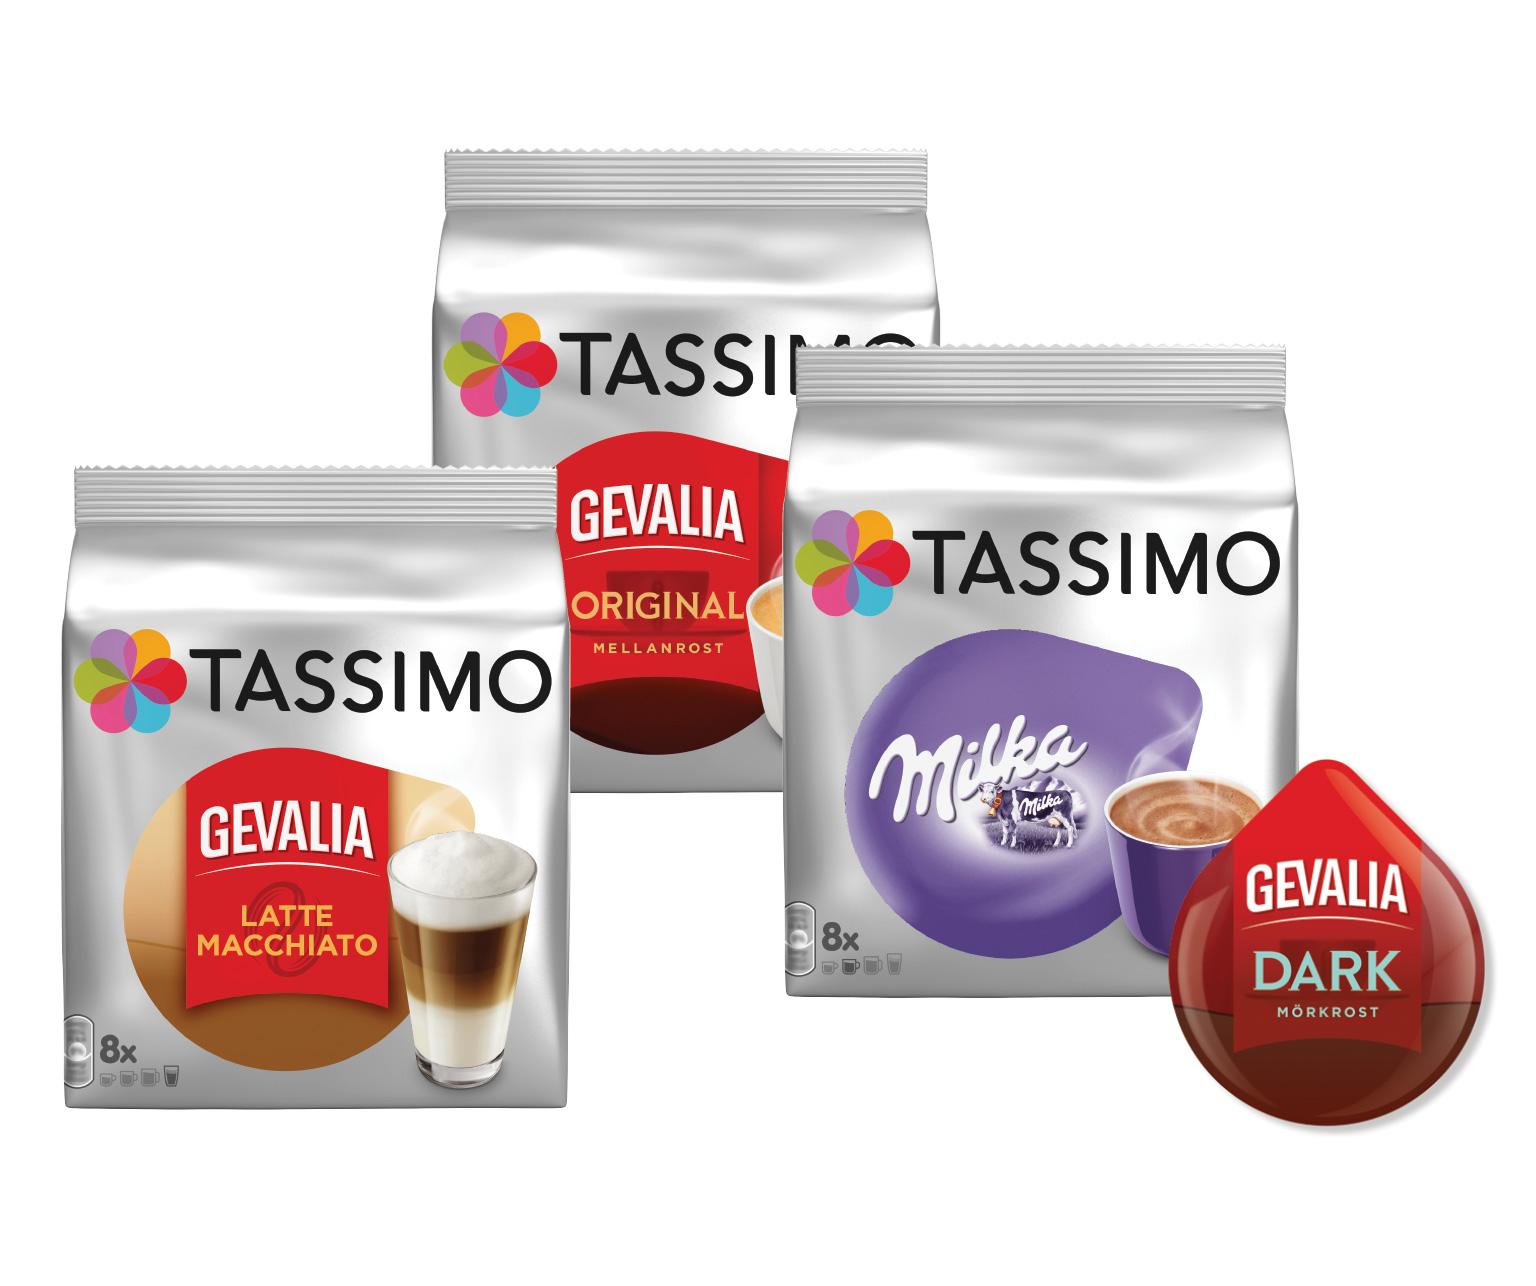 Thumbnail for TASSIMO®-gjenvinningsprogrammet